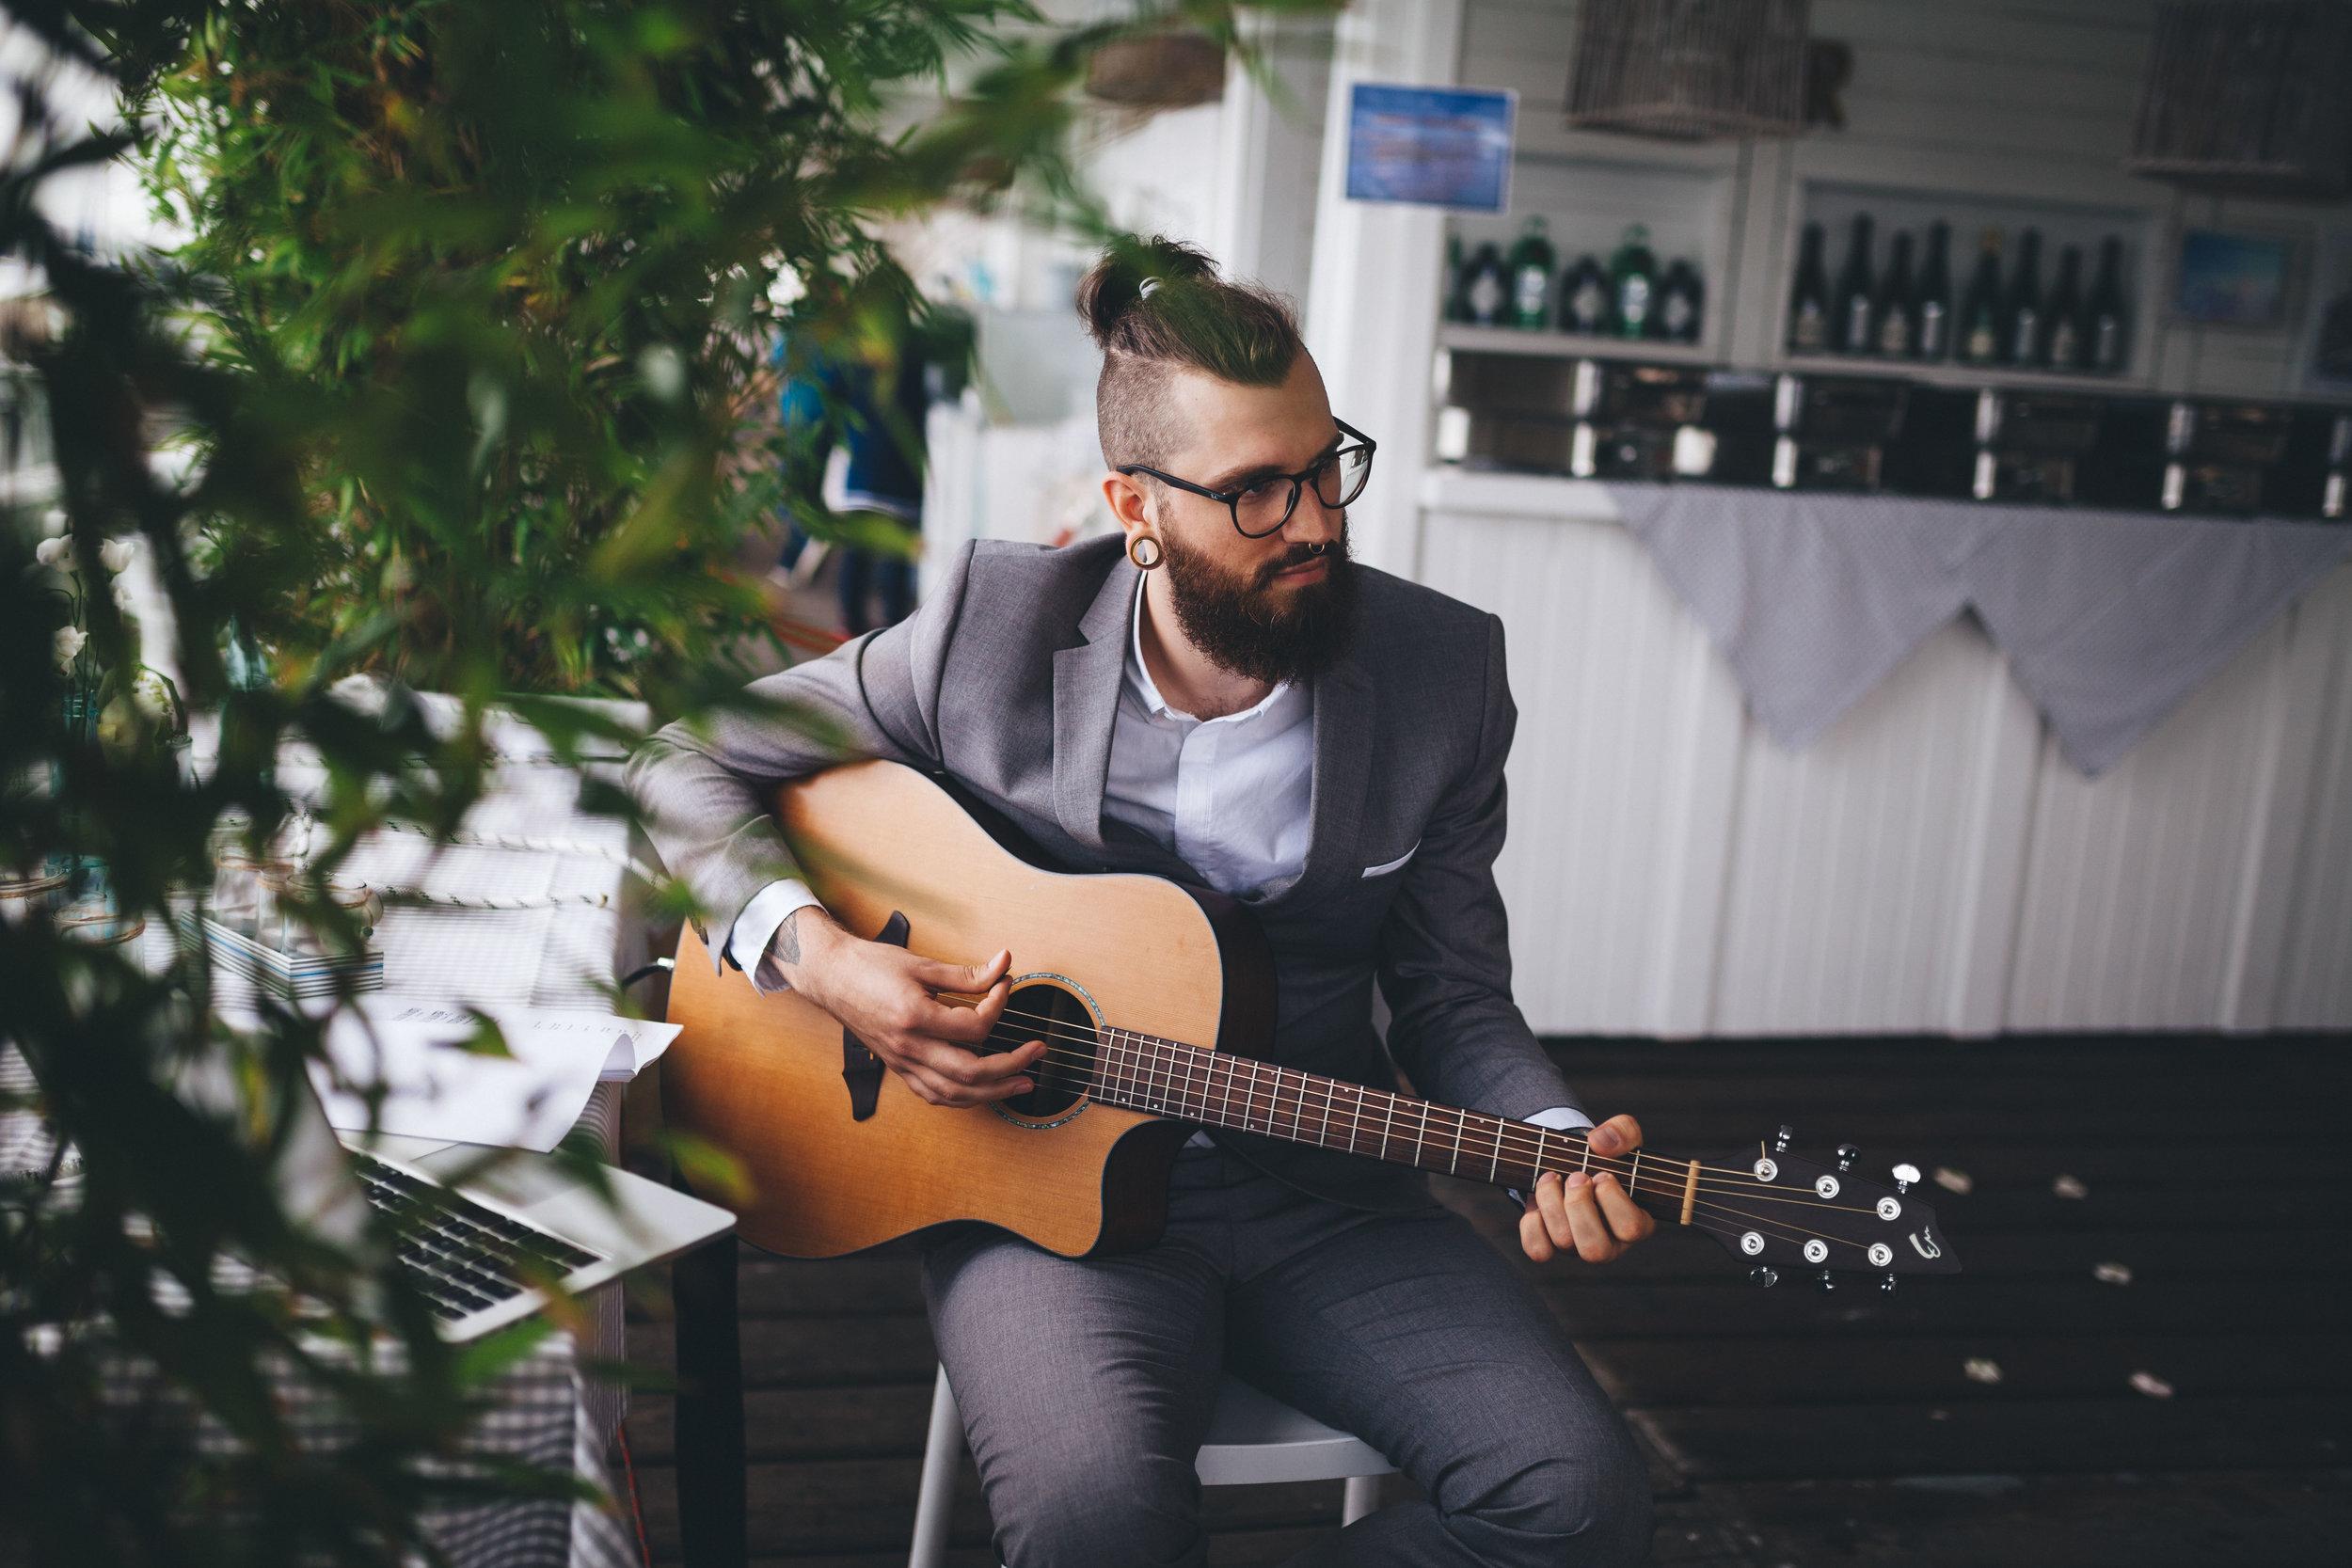 Bärtiger Gitarrist mit Brille spielt bei einer Hochzeit in der Seebar Kiel Gitarre. Das Foto ist bei einer Hochzeit in Kiel von Phil Schreyer entstanden.